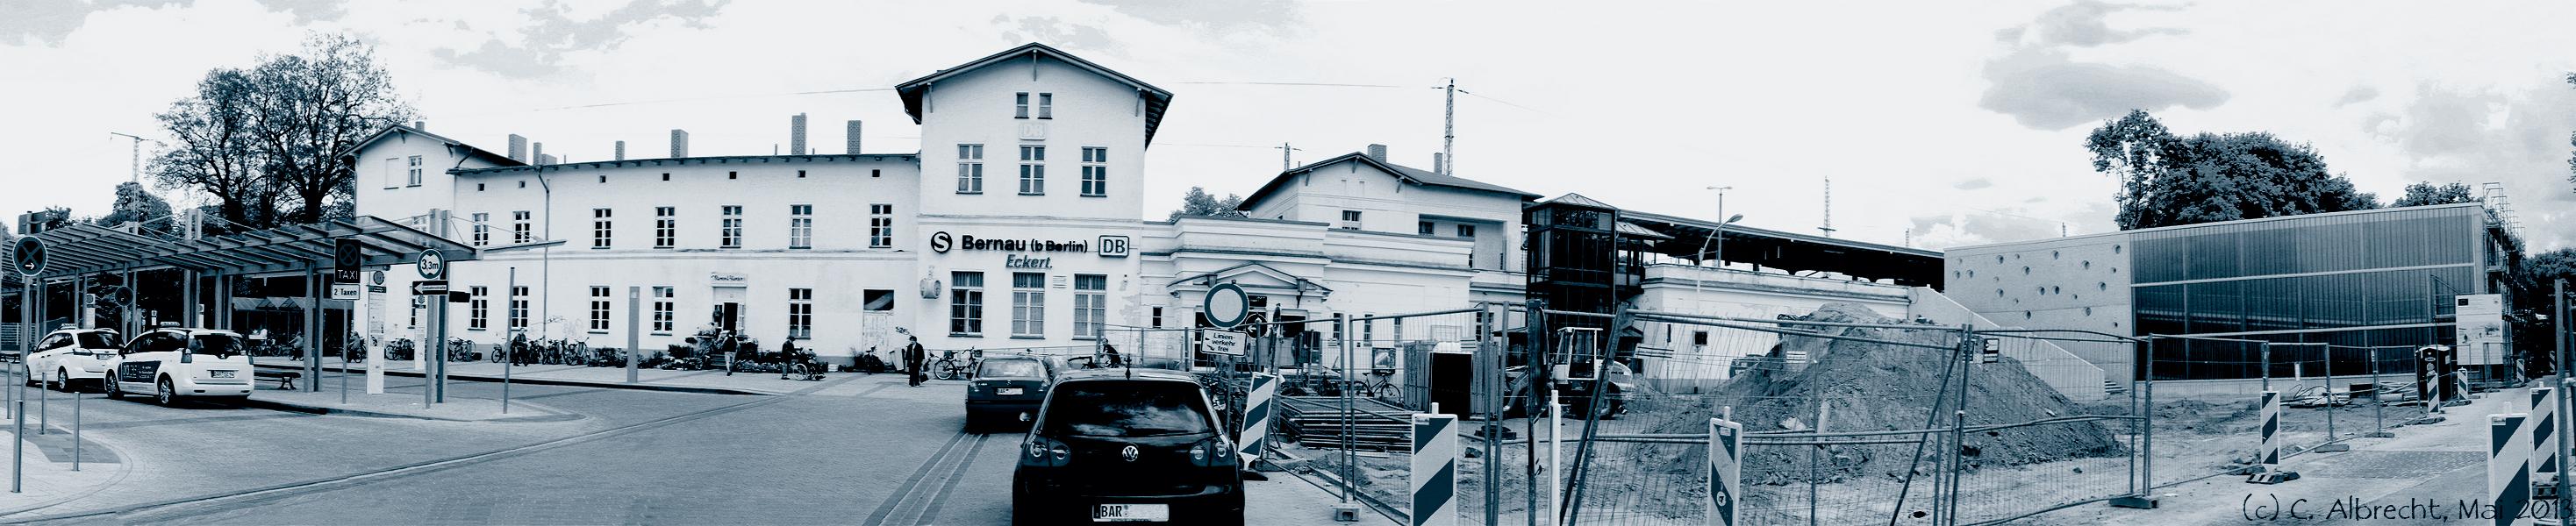 Bernau b. Berlin - vom Vorstadtbahnhof zum multimodalen und intermodalen Knoten